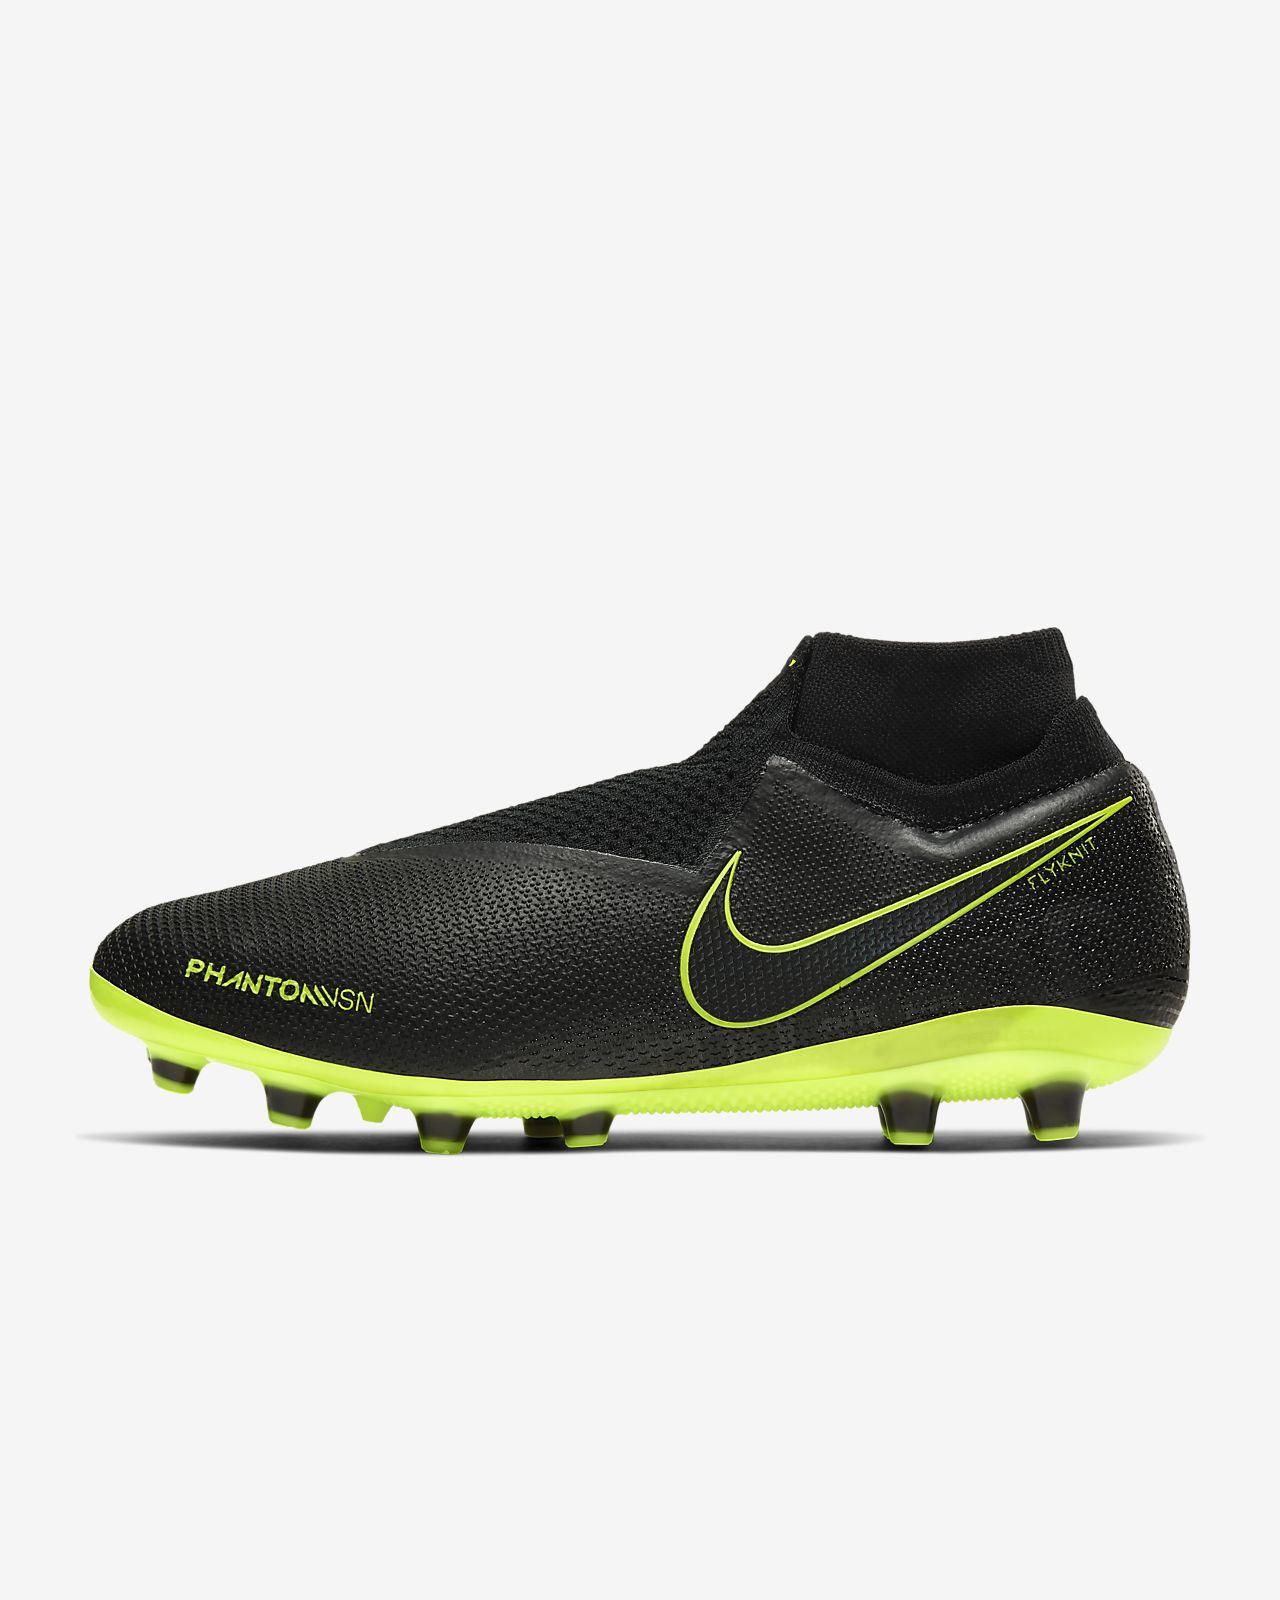 Nike Phantom Vision Elite Dynamic Fit fotballsko til kunstgress